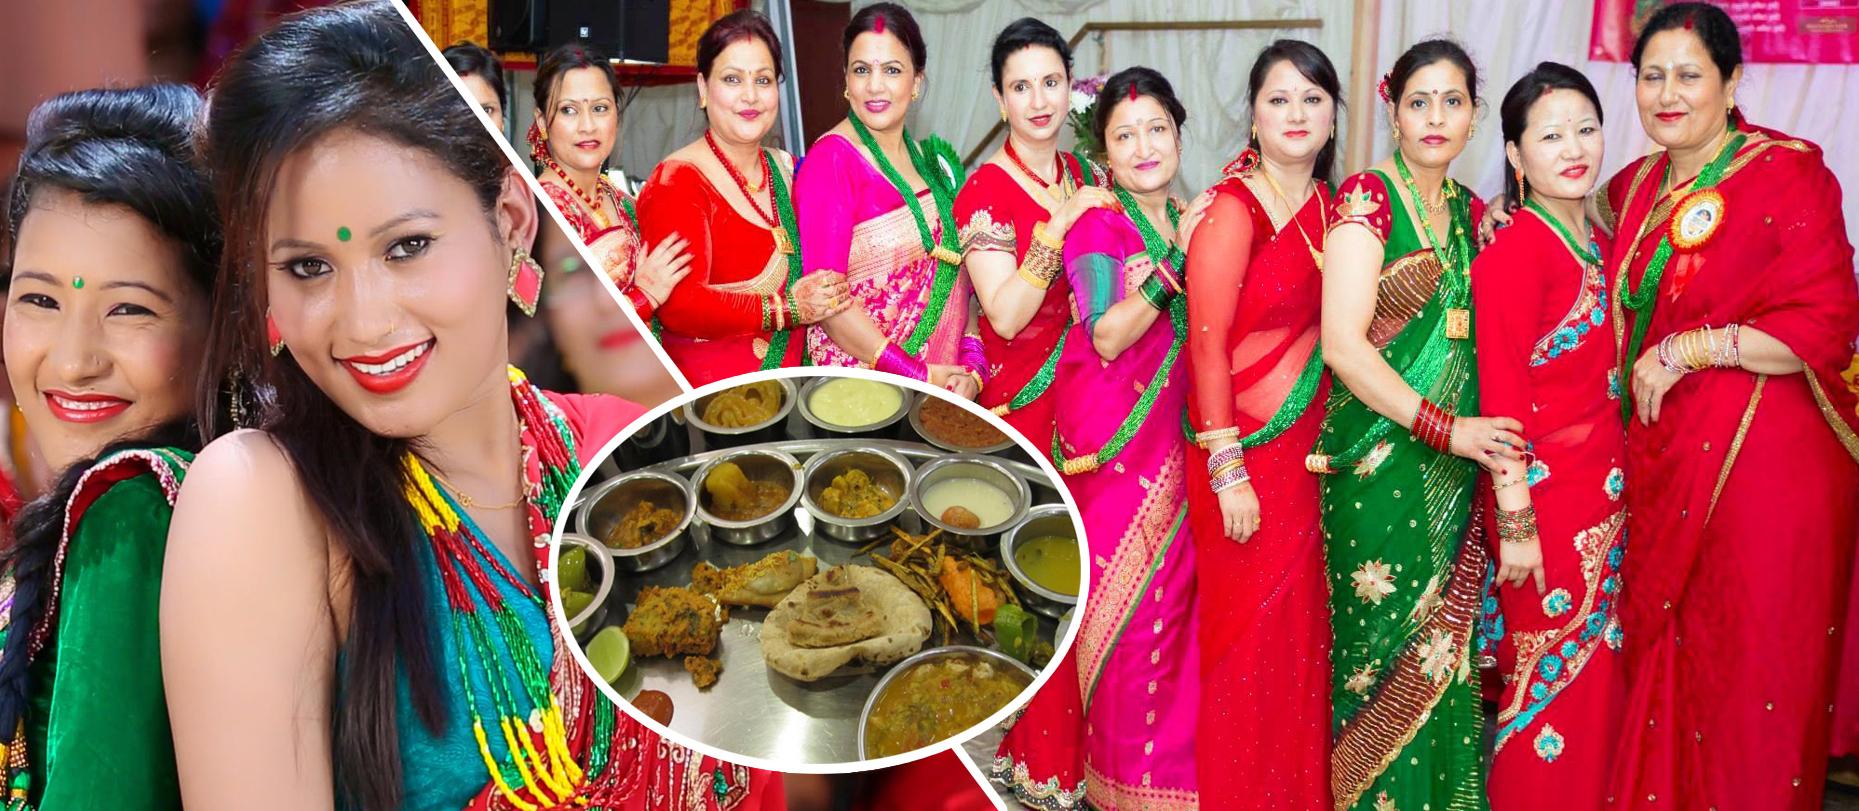 तीजको पहिलो दिन : व्रत बस्ने शक्तिका लागि दर खाने तयारीमा महिला